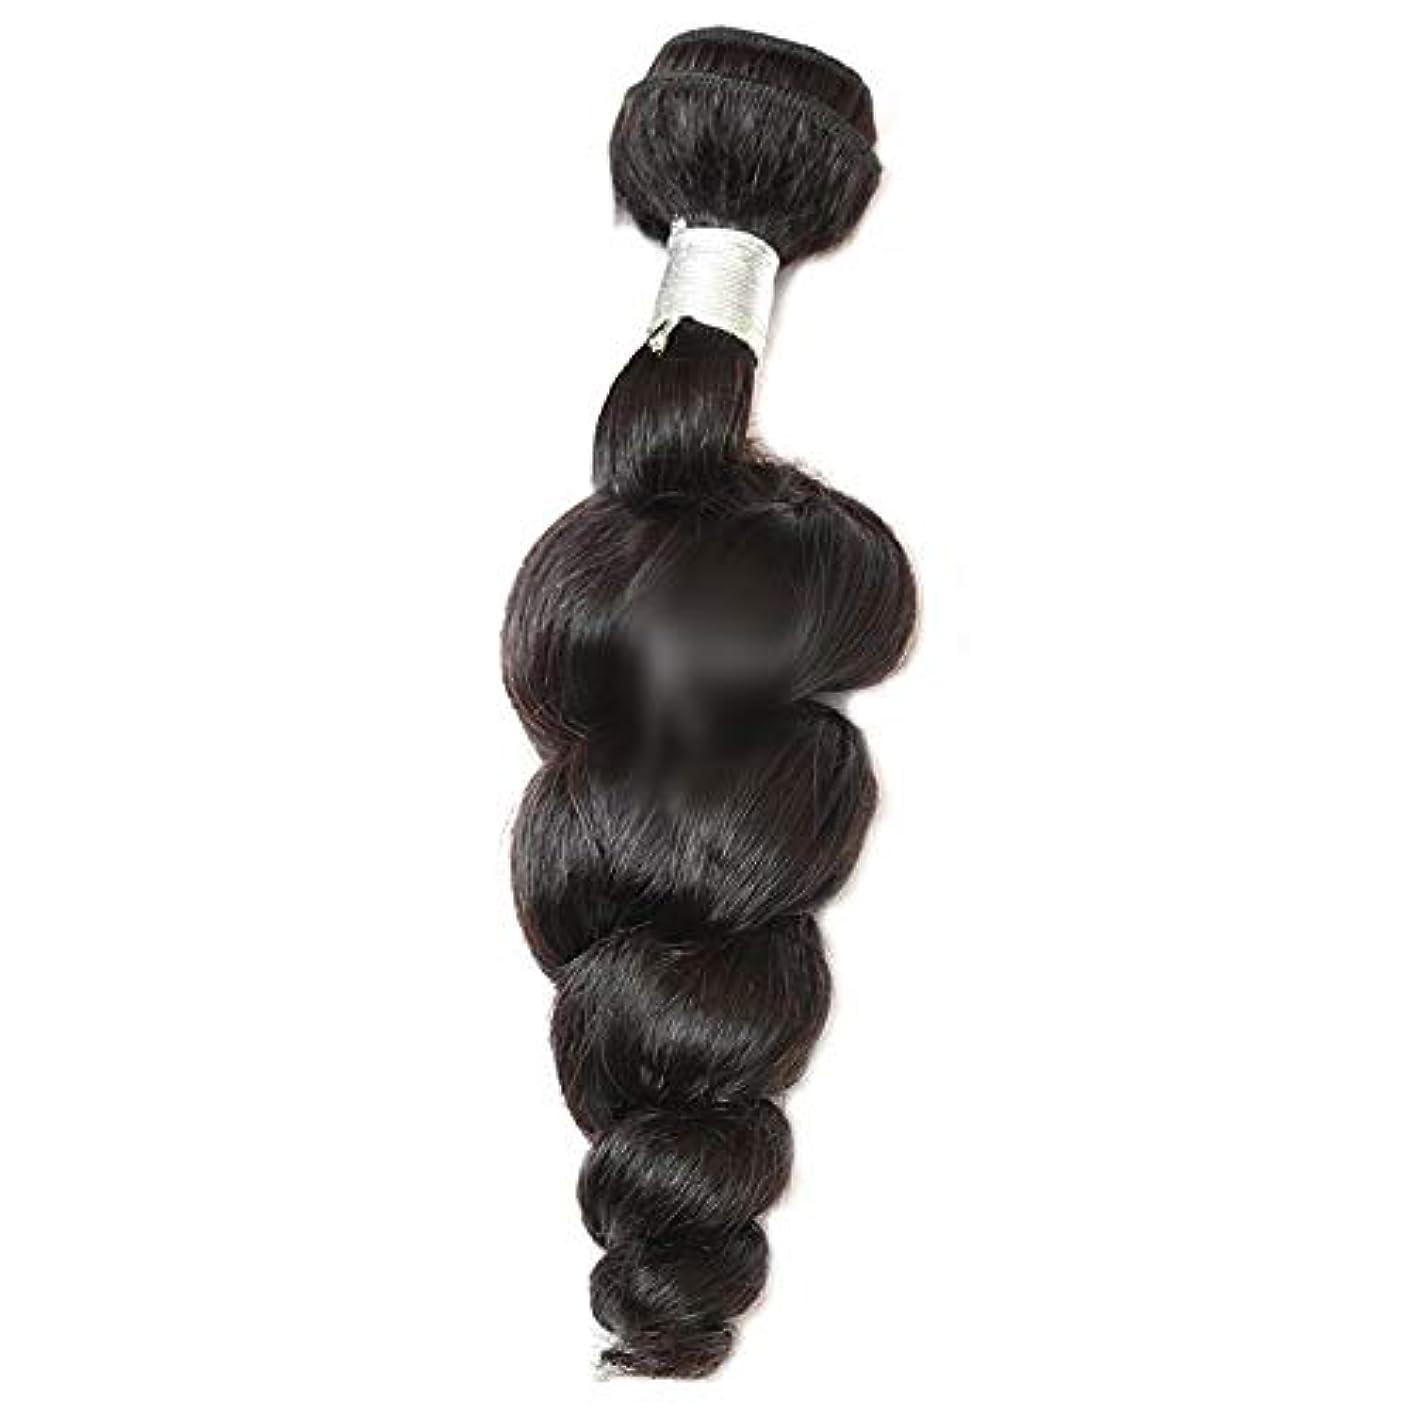 メキシコペネロペ希望に満ちたHOHYLLYA 8aブラジル髪バンドルバージンルースウェーブ人間の毛延長ナチュラルブラックカラーロールプレイングかつら女性の自然なかつら (色 : 黒, サイズ : 26 inch)